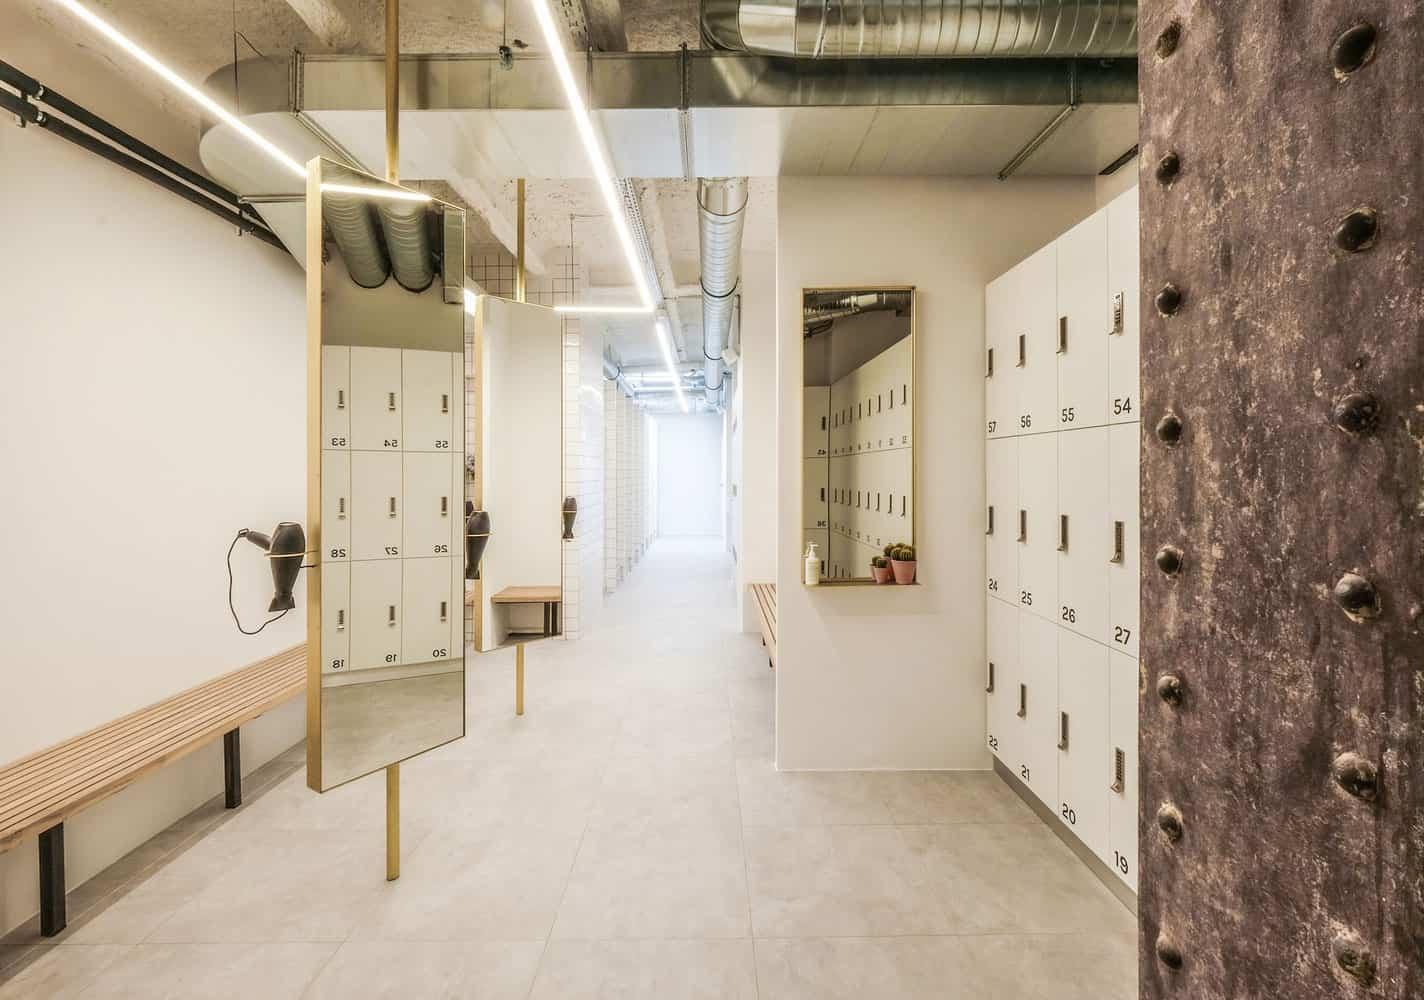 DAS-Studio Designed an Exercise Center Located in Paris,France